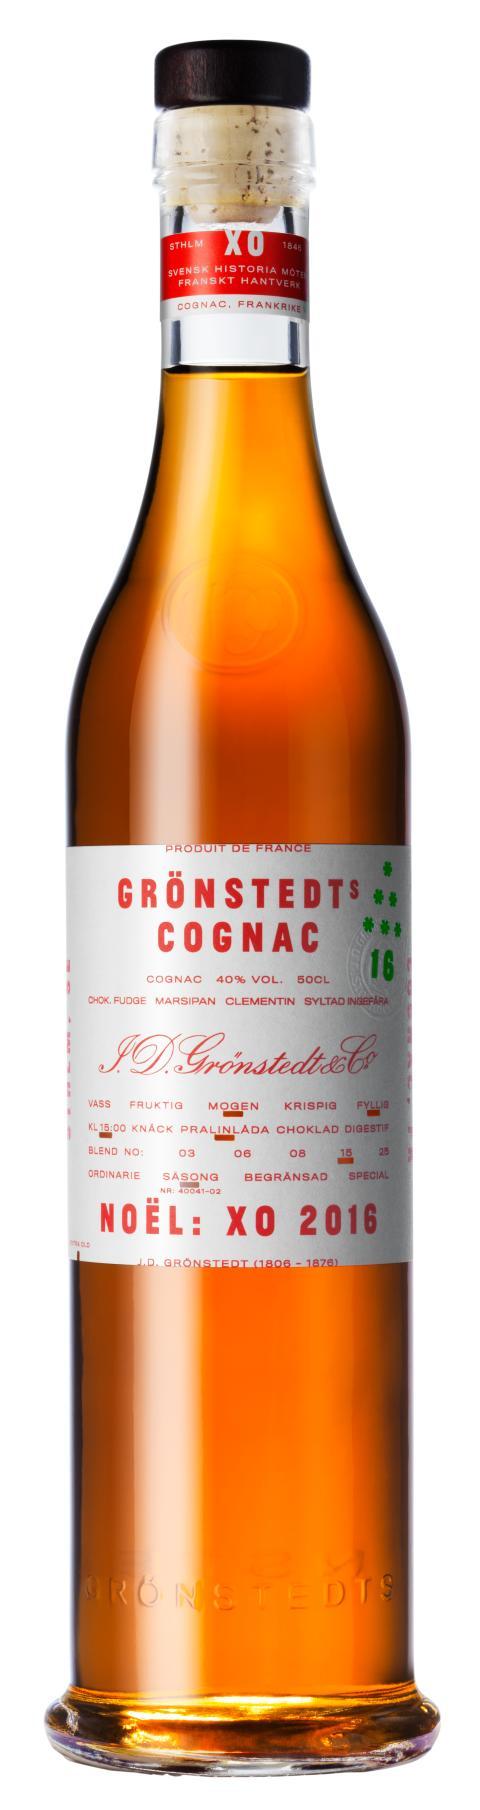 Grönstedts Cognac XO Noël 2016